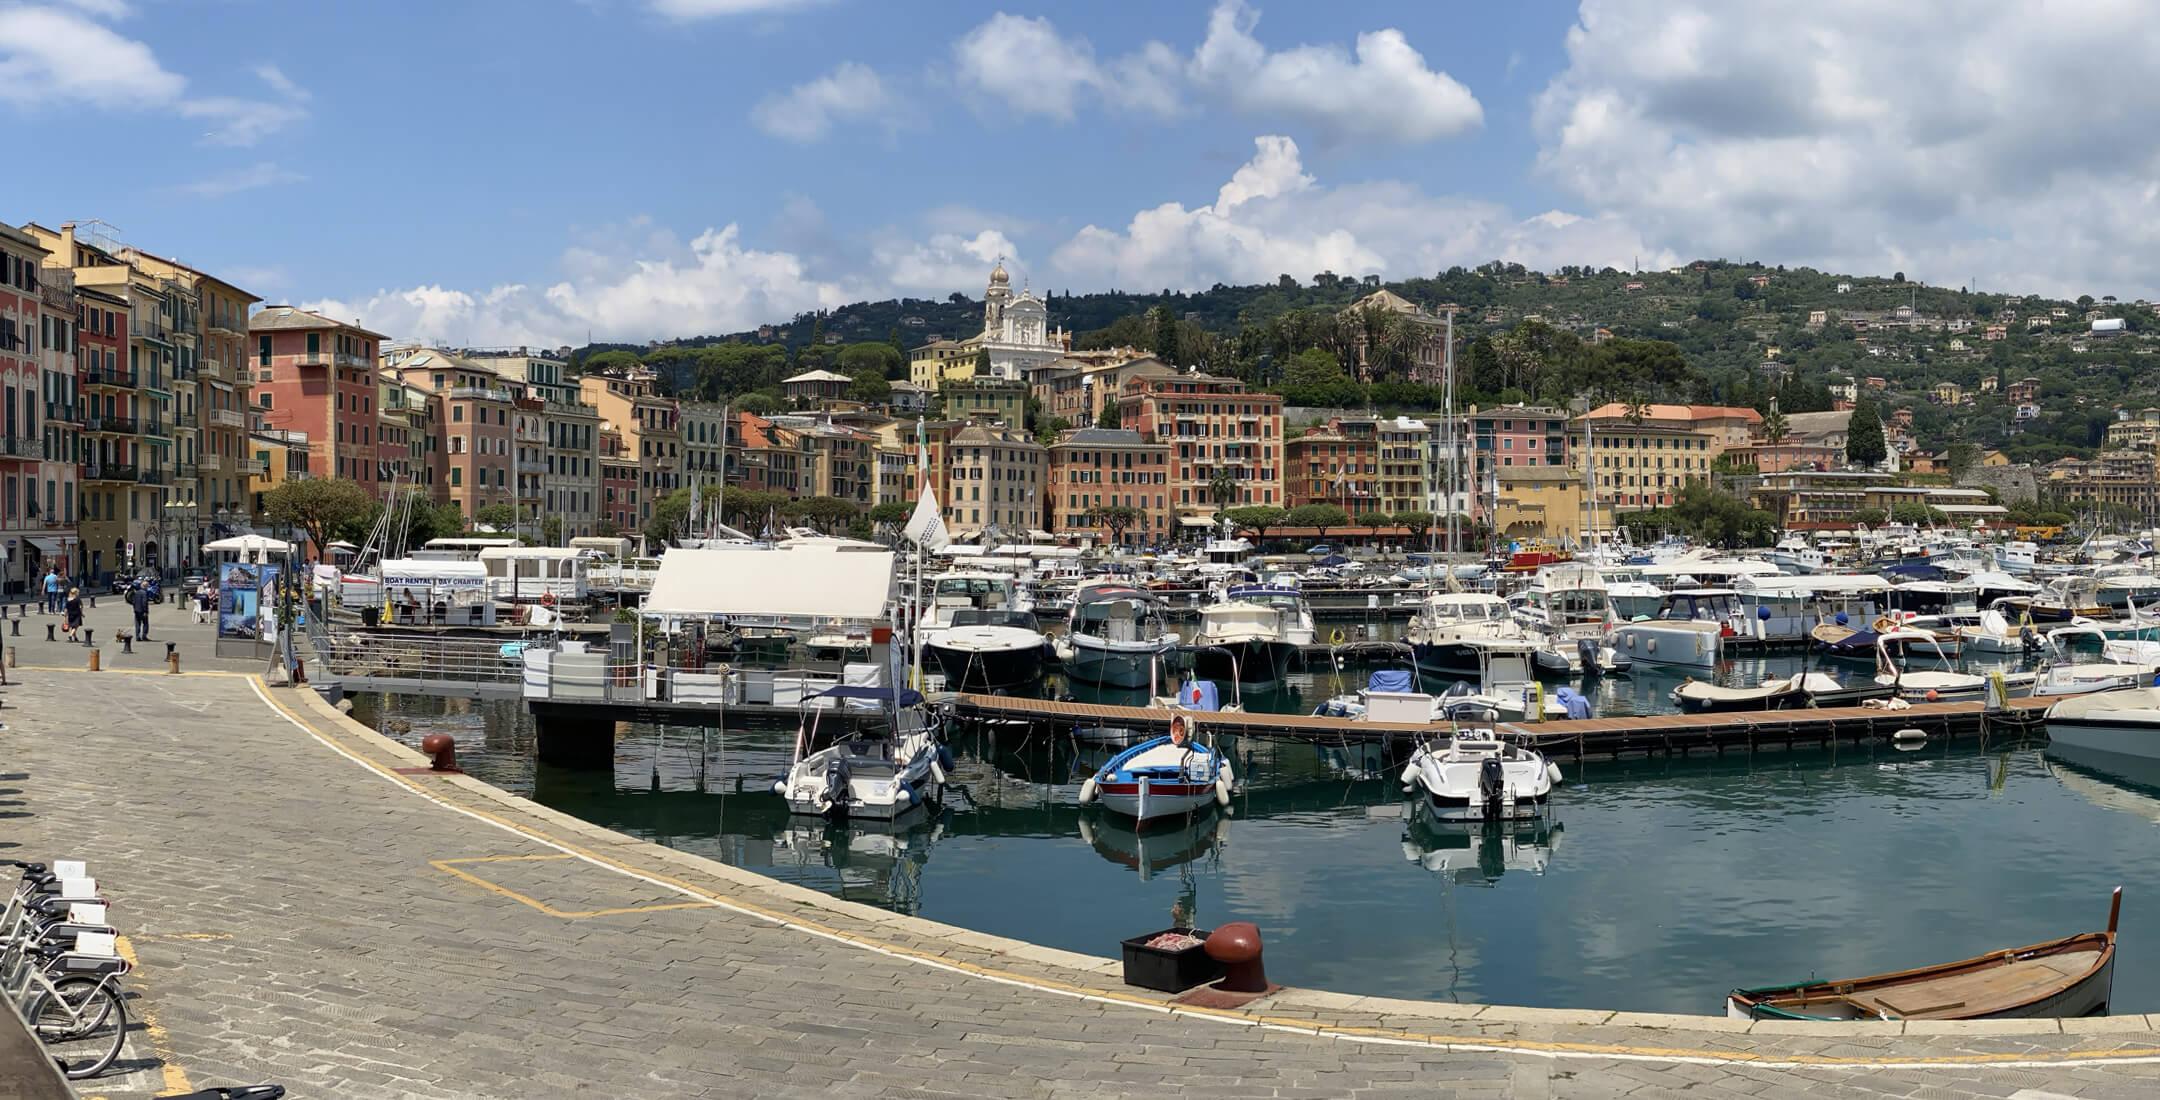 Rada di Santa Margherita Ligure